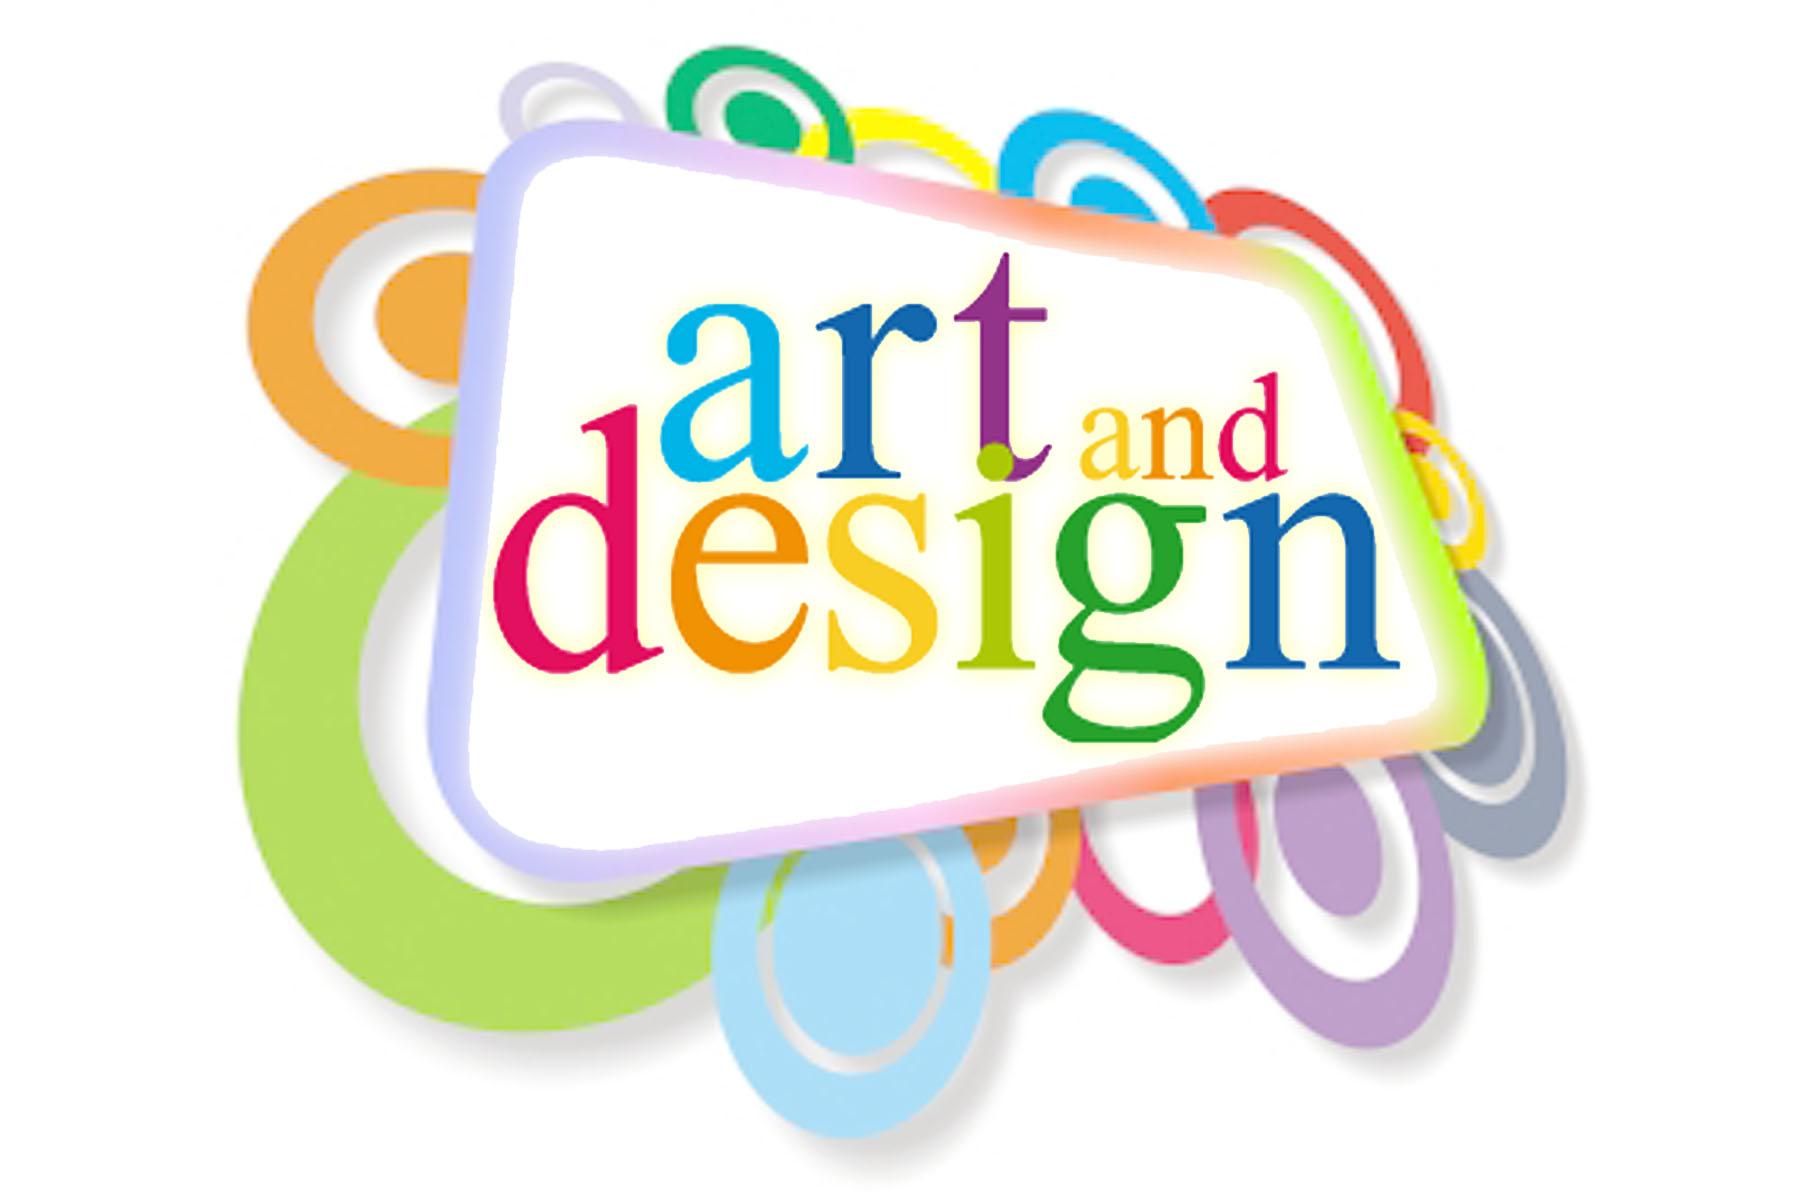 2018完全大学指南艺术与设计专业排名完整榜单 纽卡斯尔大学夺冠